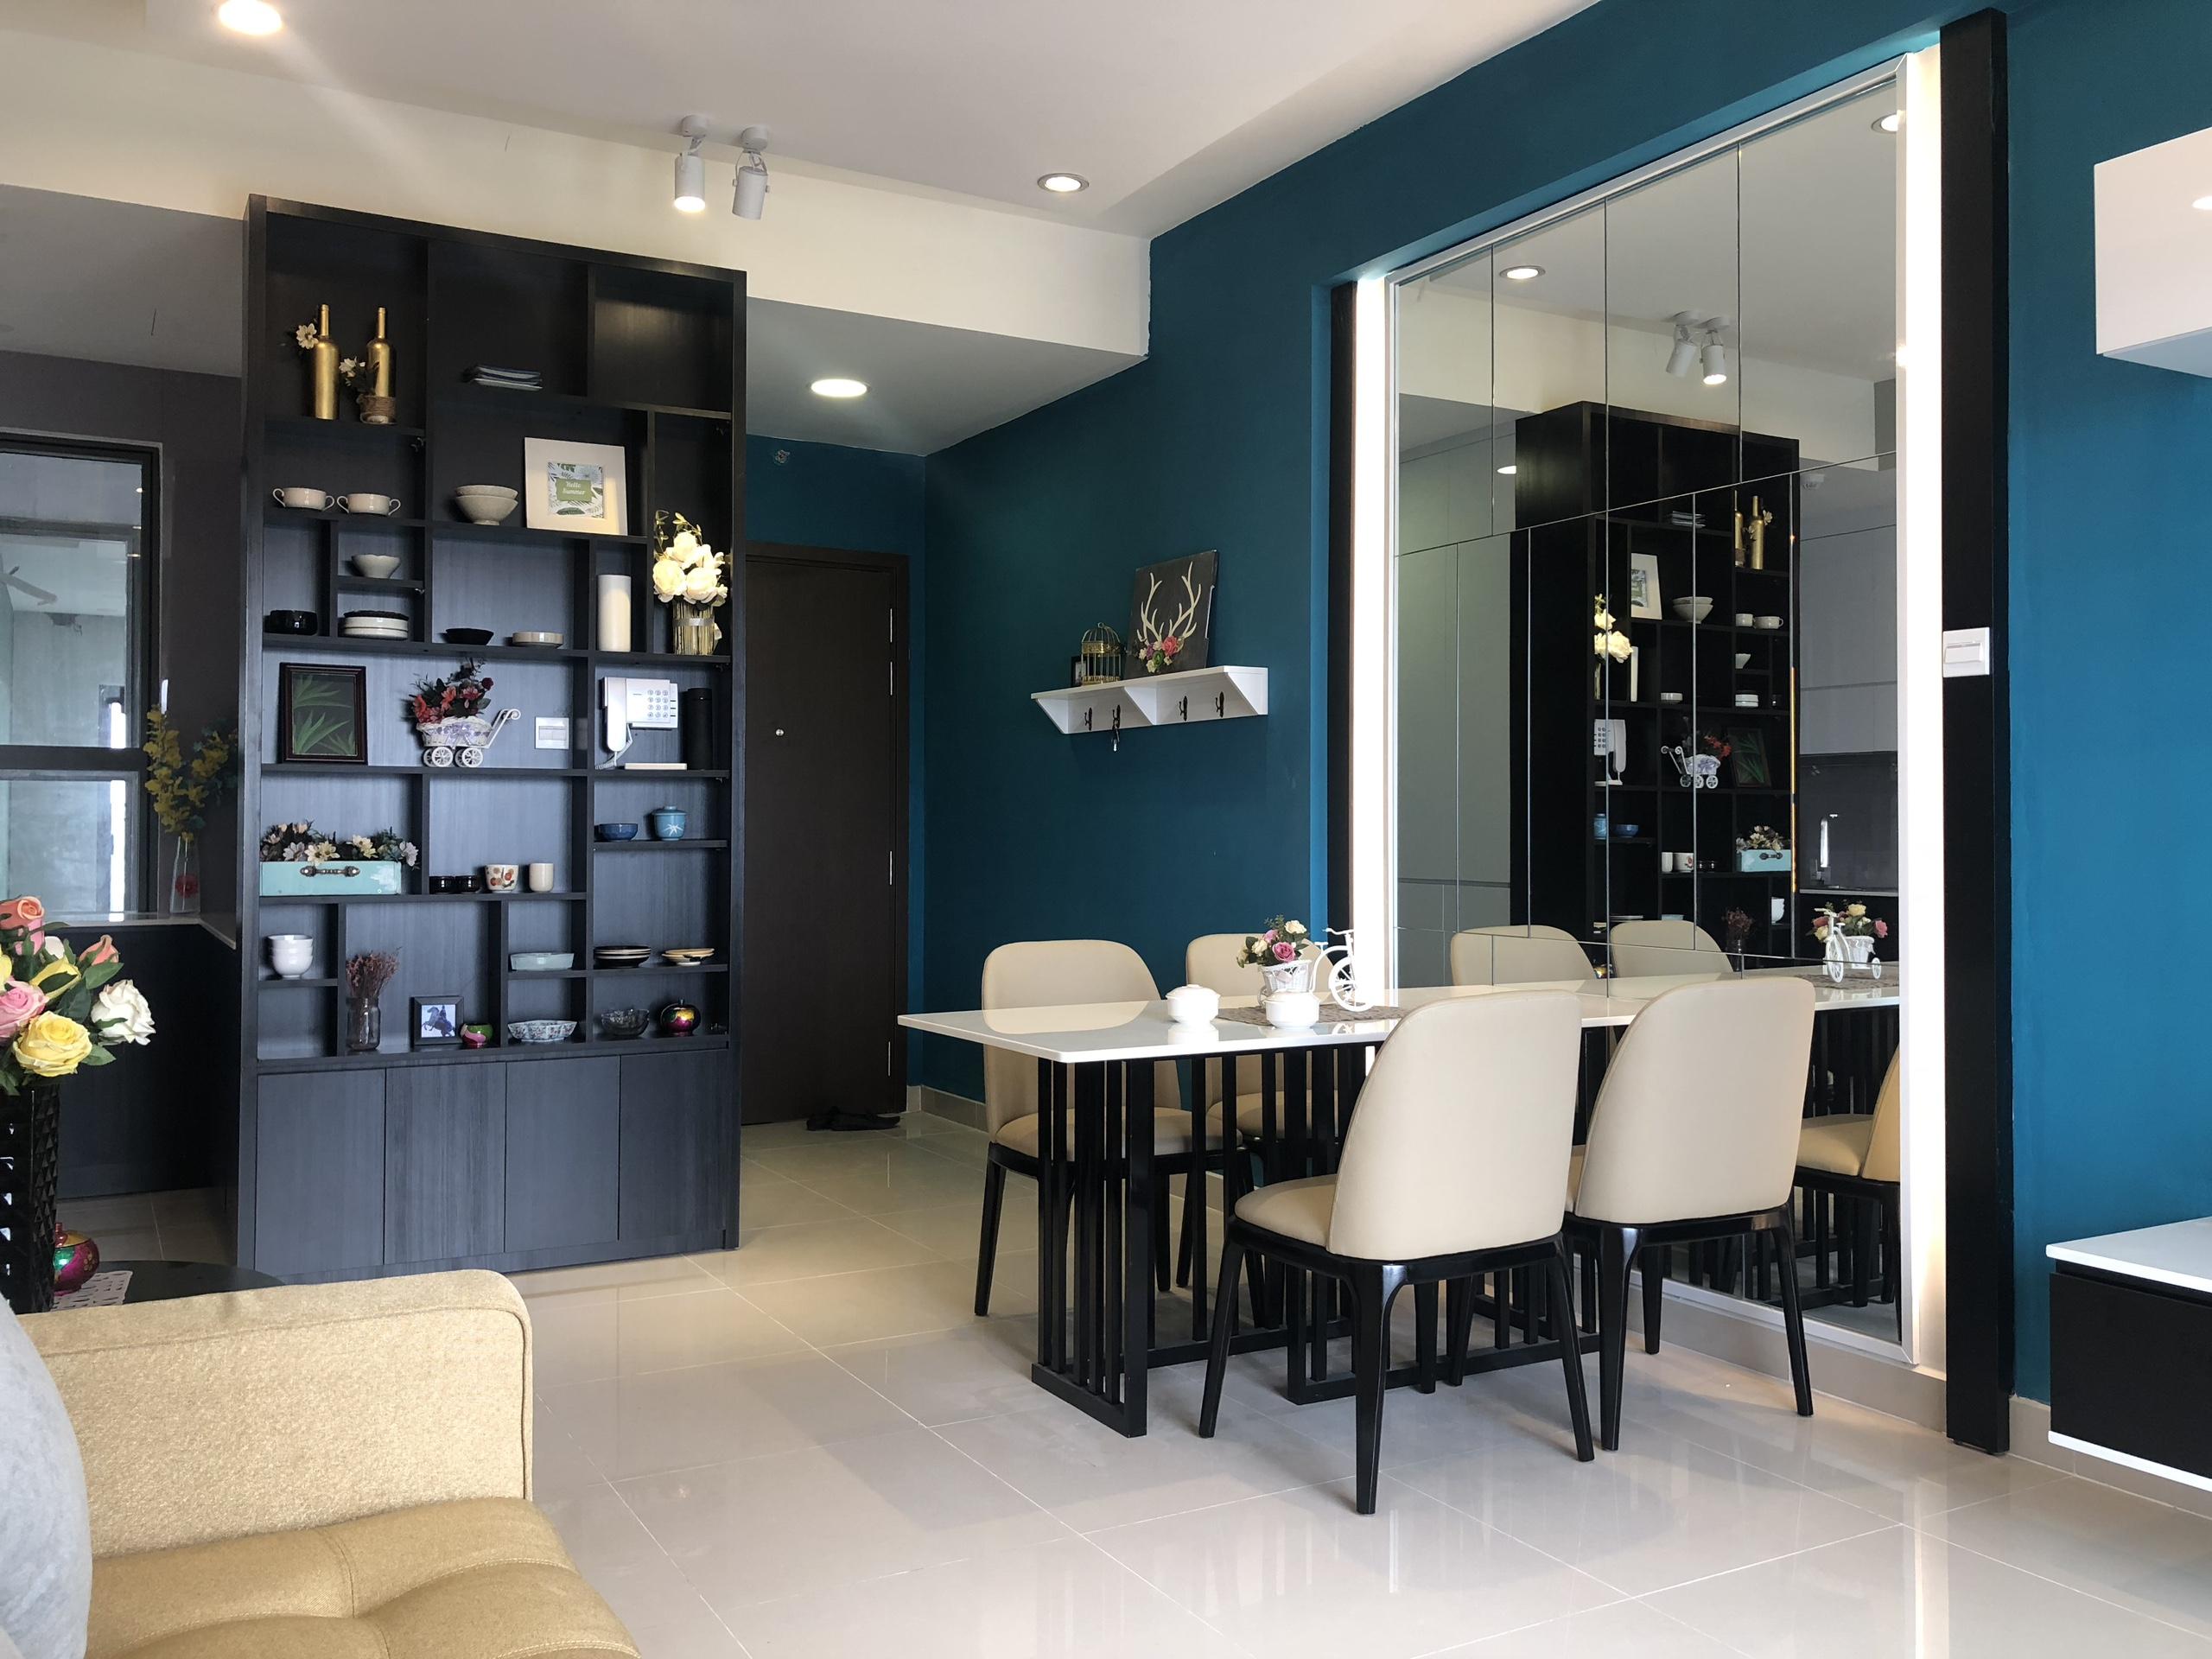 Cho thuê The Sun Avenue 3 phòng ngủ nhà đẹp  - ID 010026